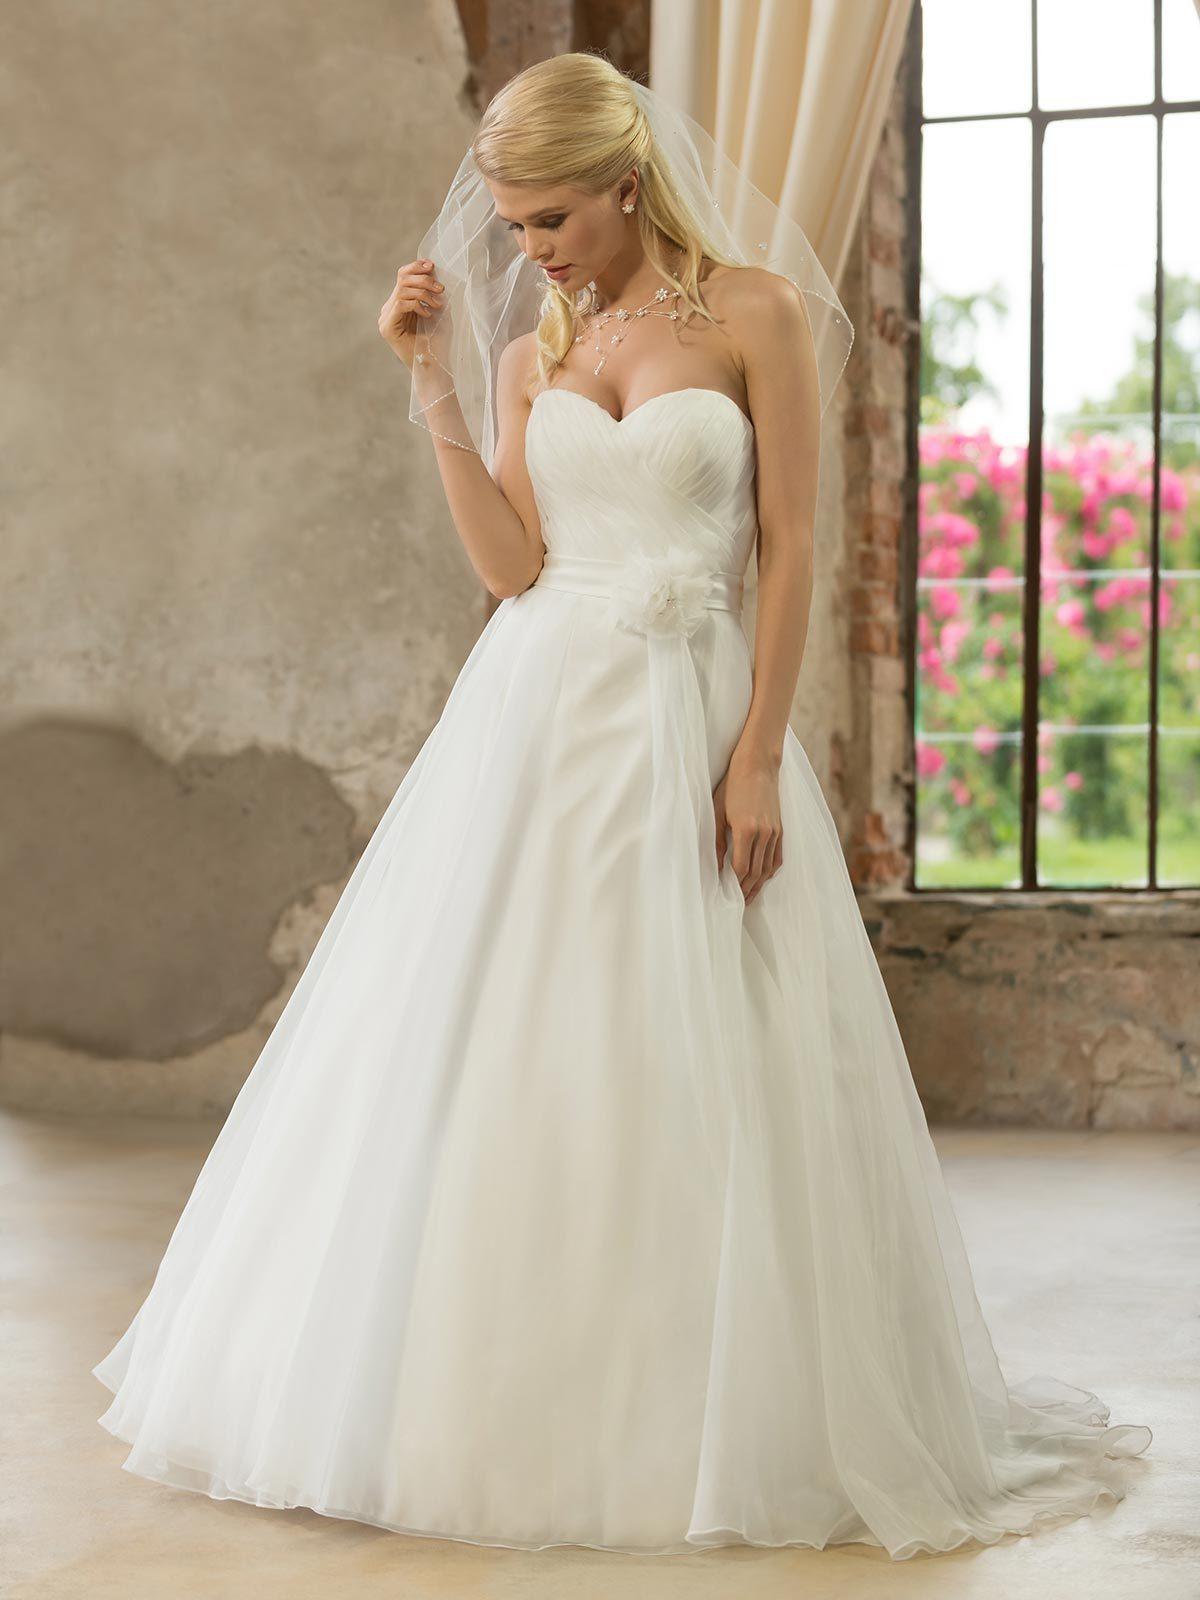 Brautkleid 329162 von Weise auf Jade